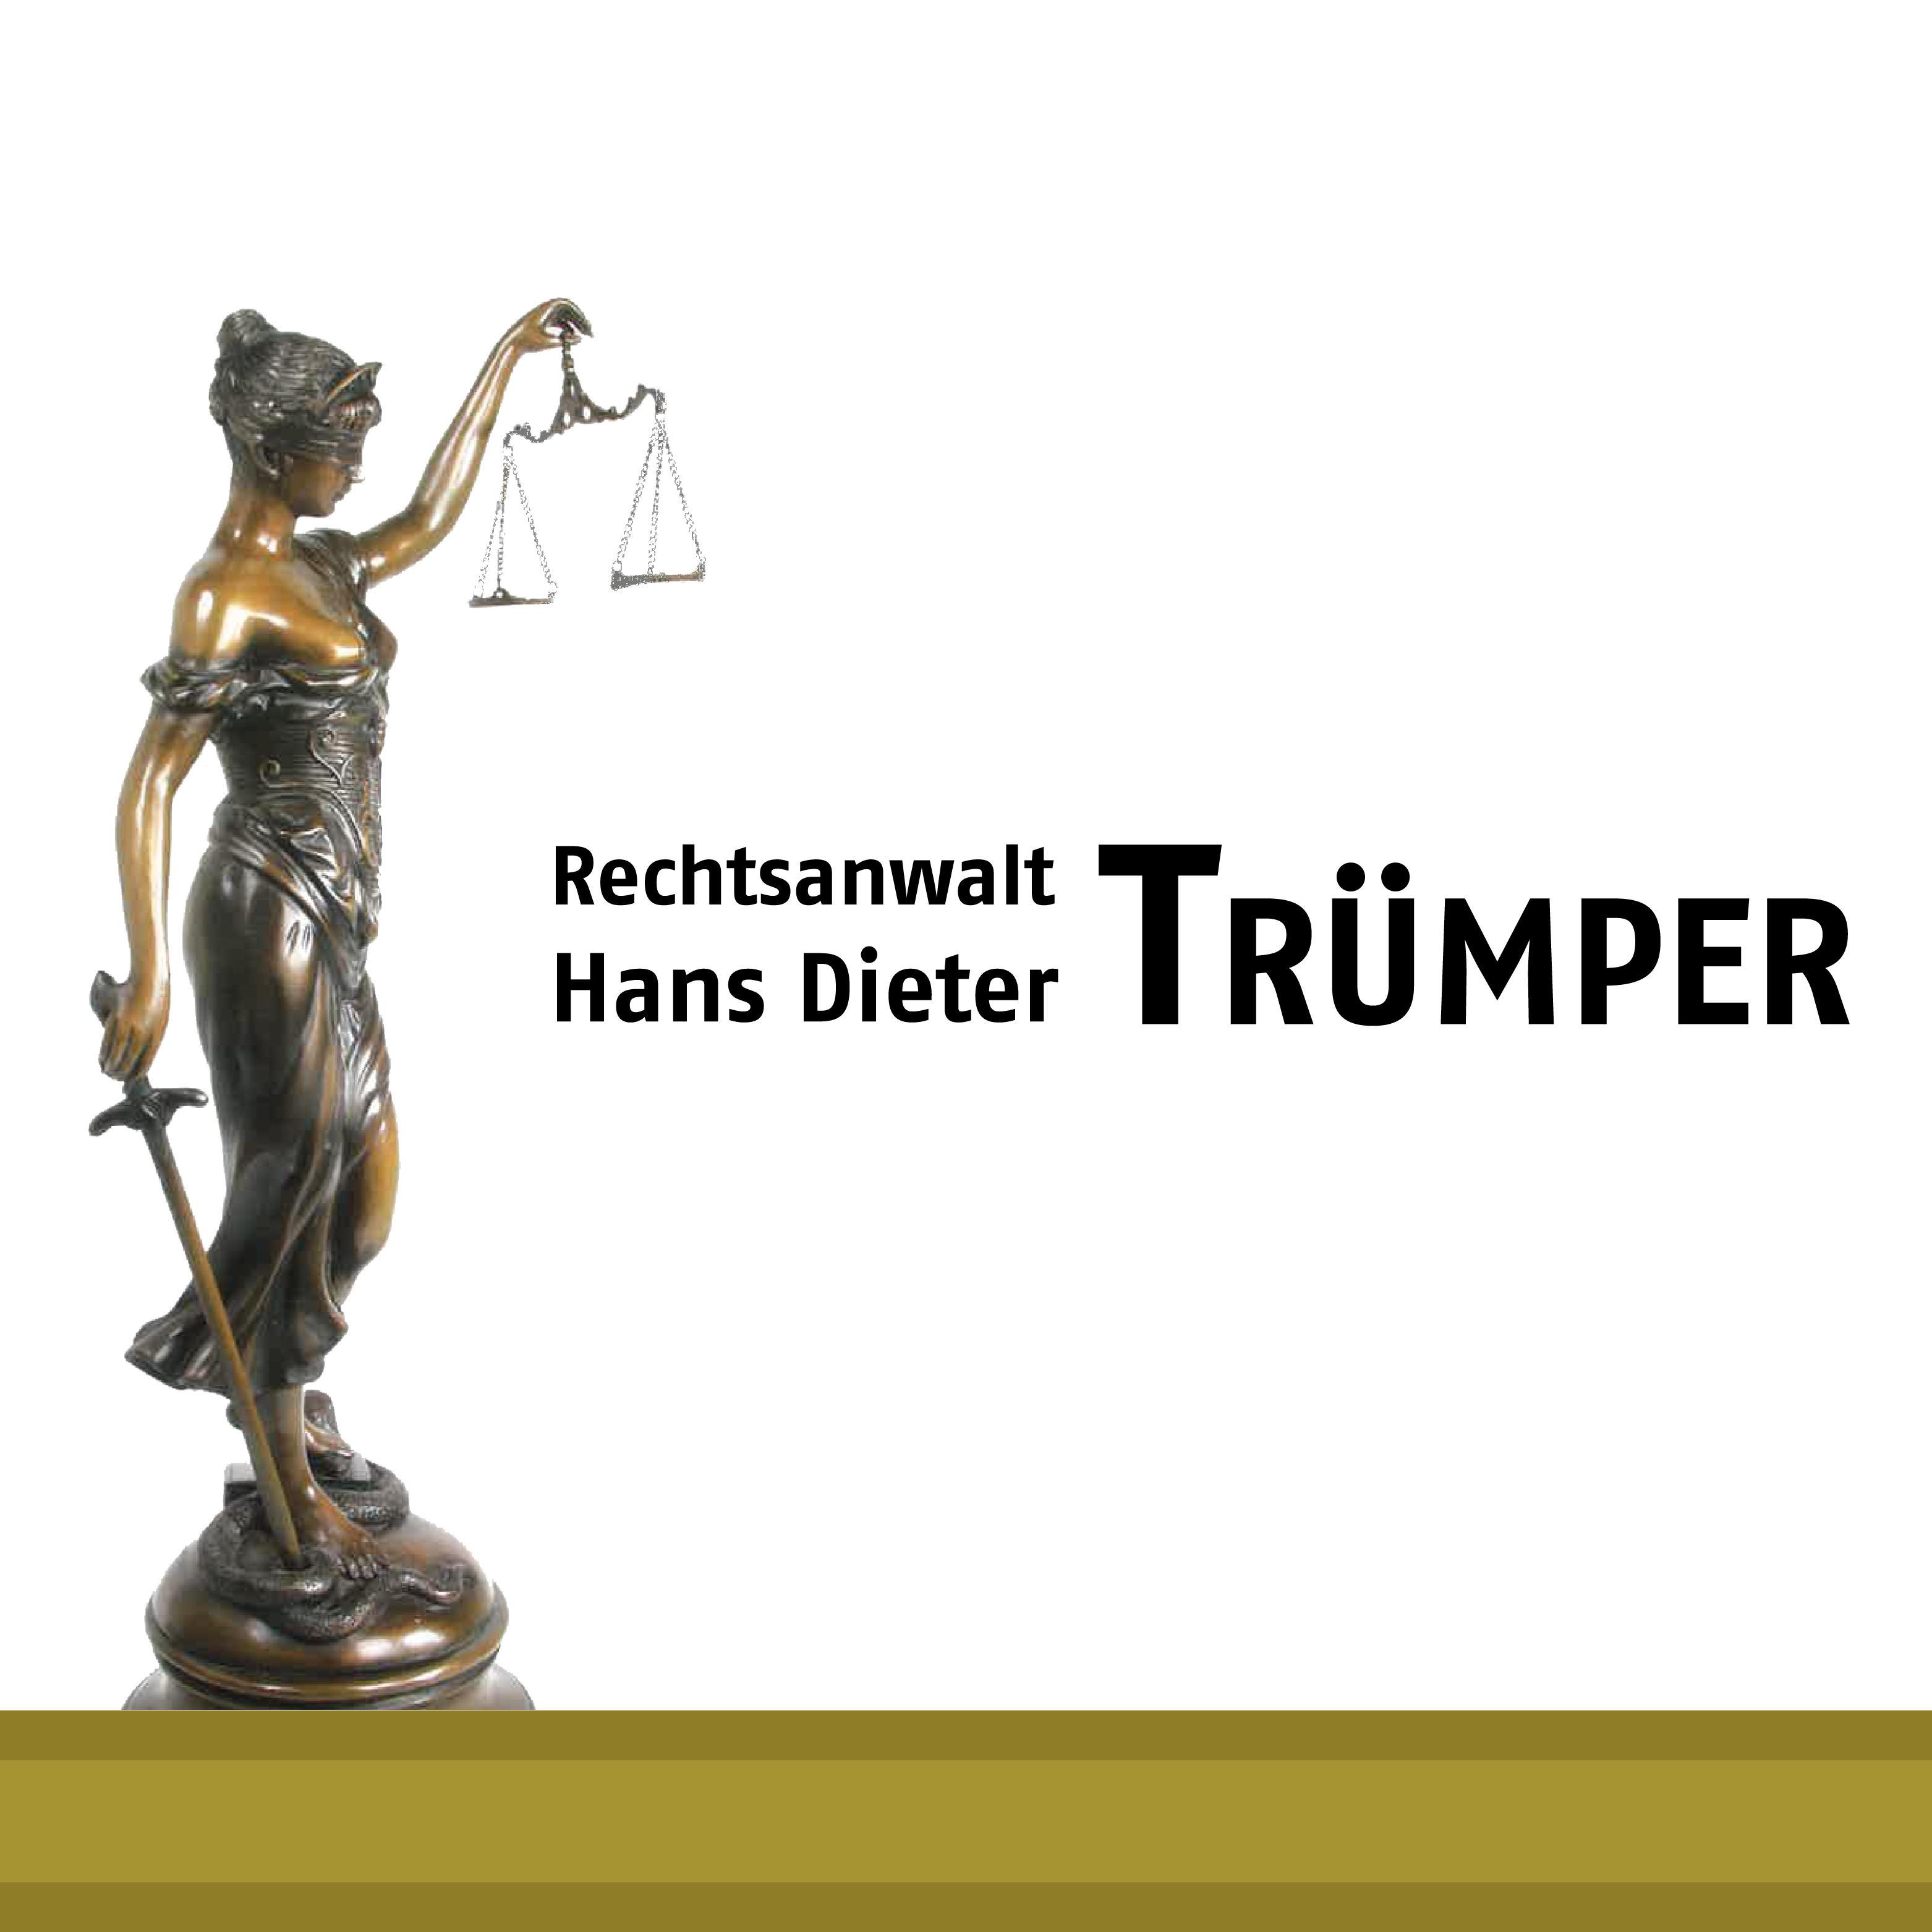 Bild zu Rechtsanwalt Hans Dieter Trümper in Wetzlar